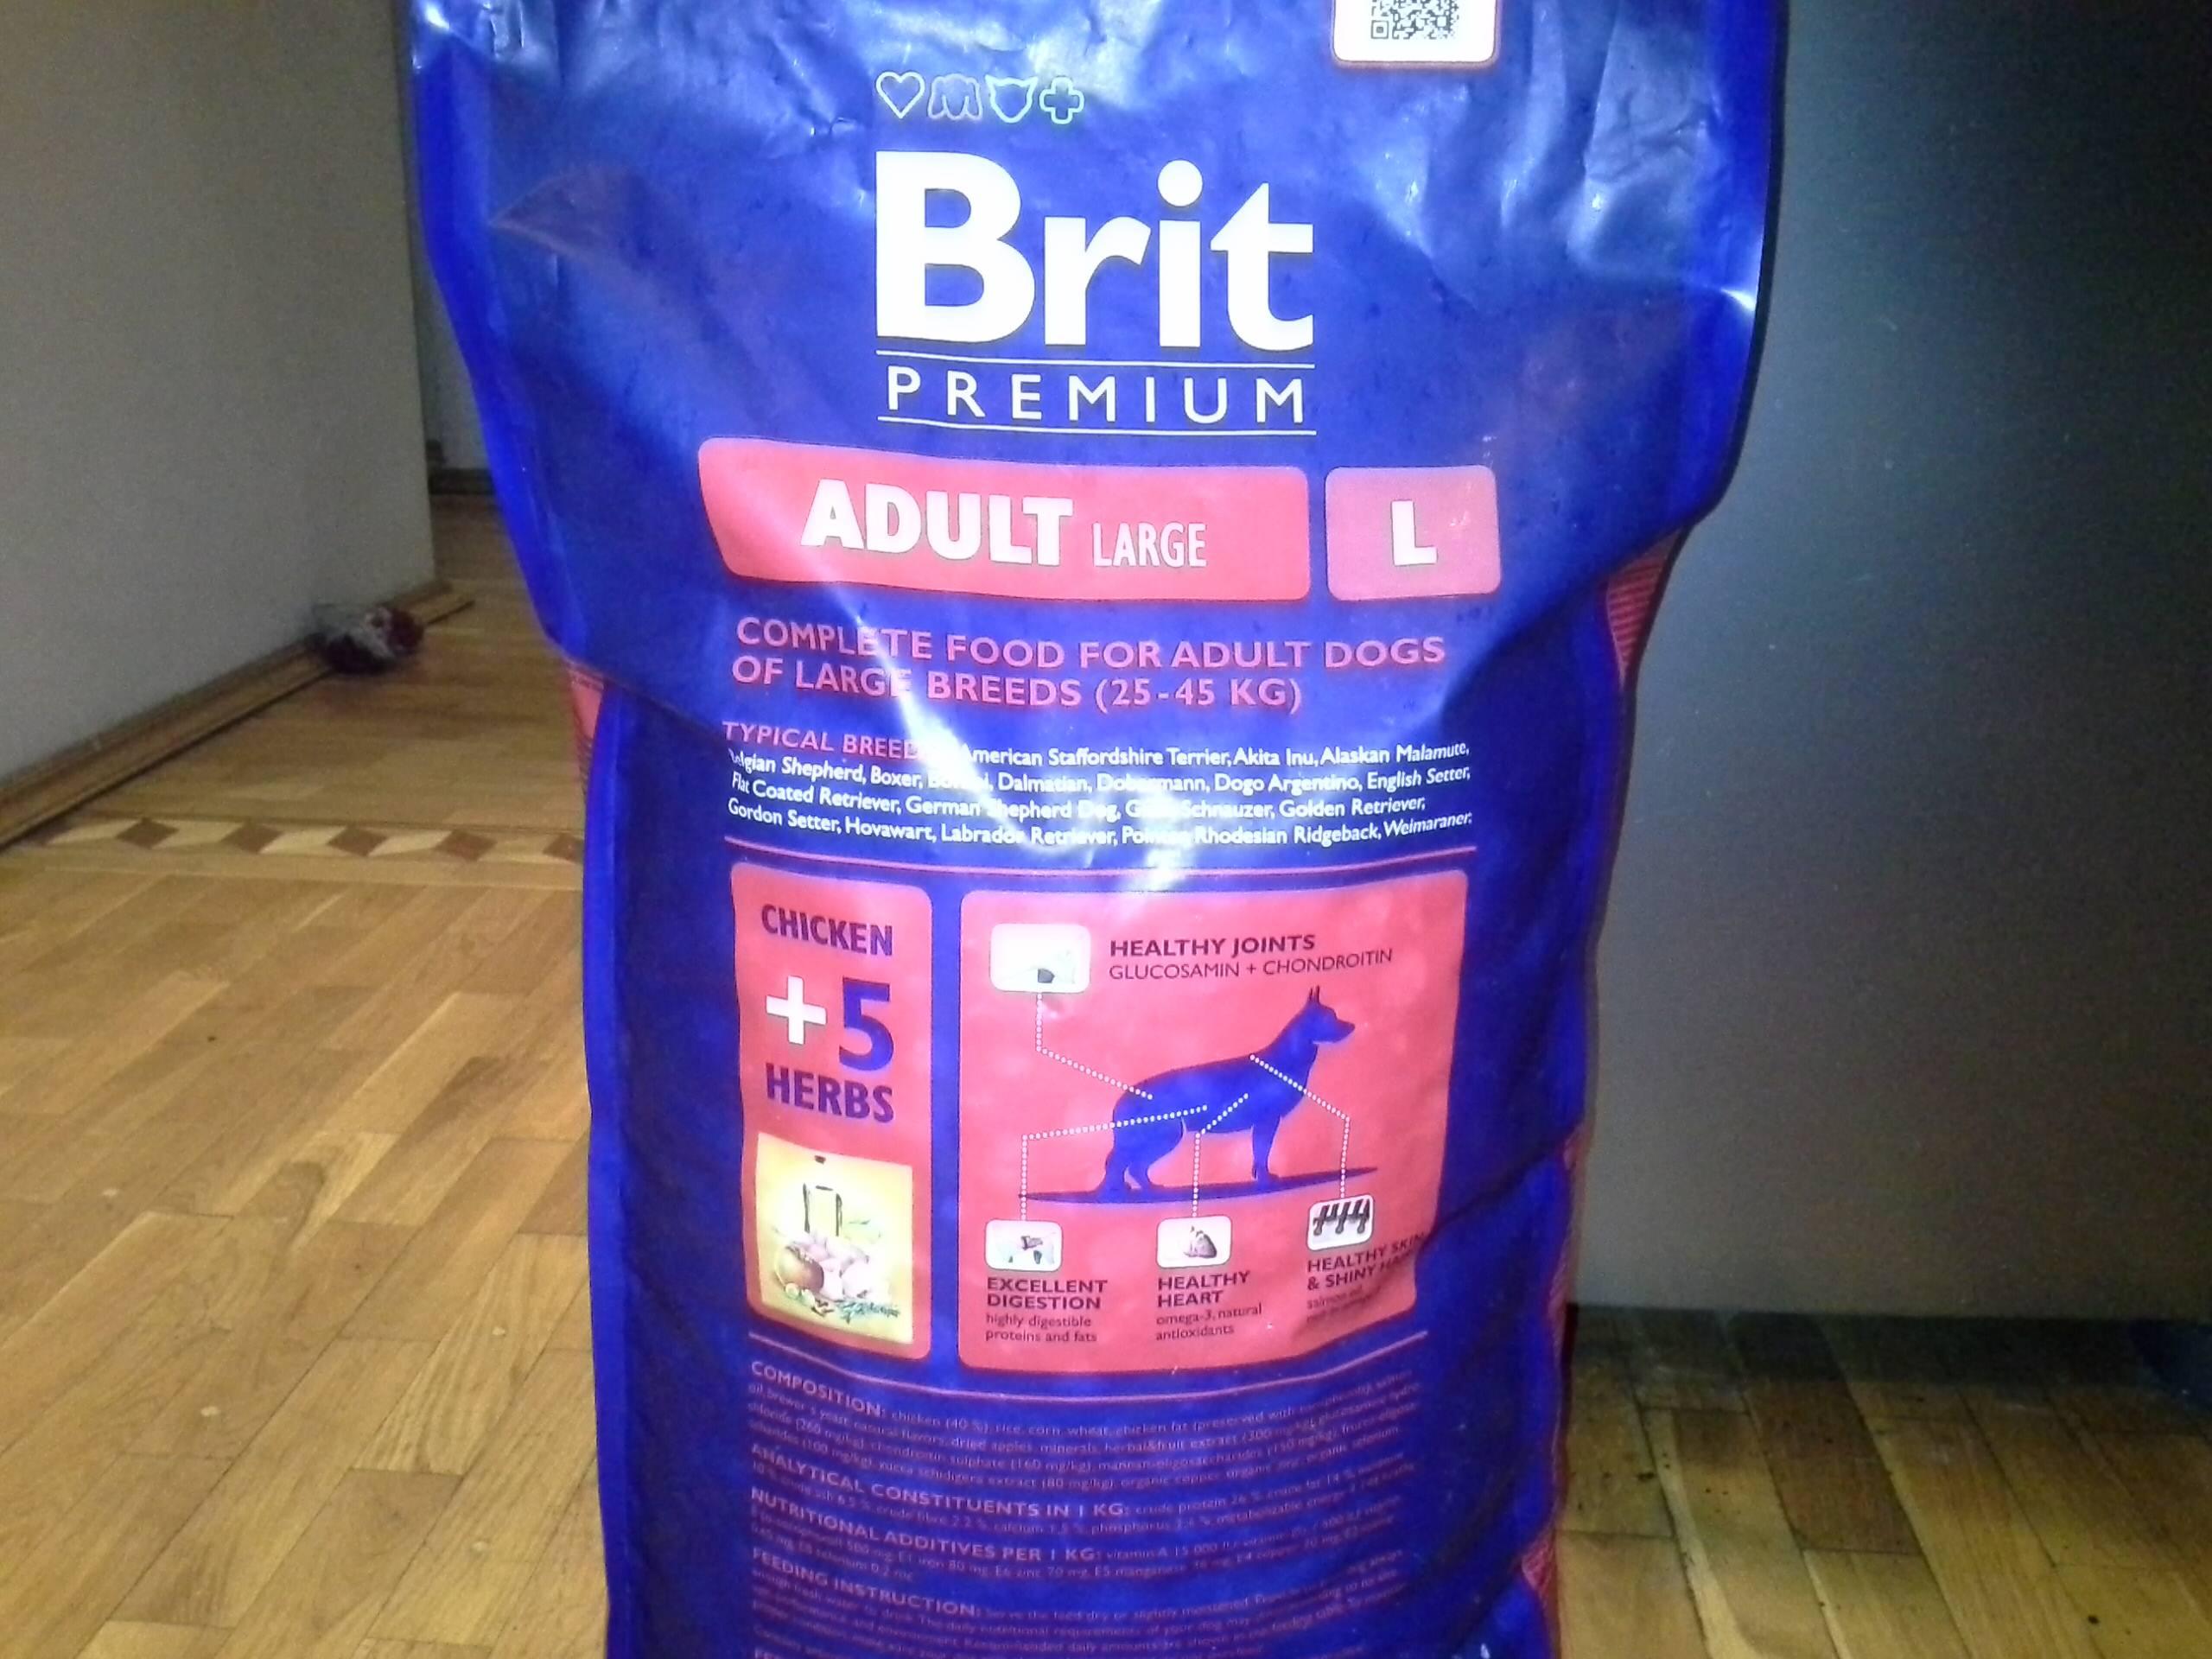 Корм для собак brit premium: отзывы и разбор состава - петобзор